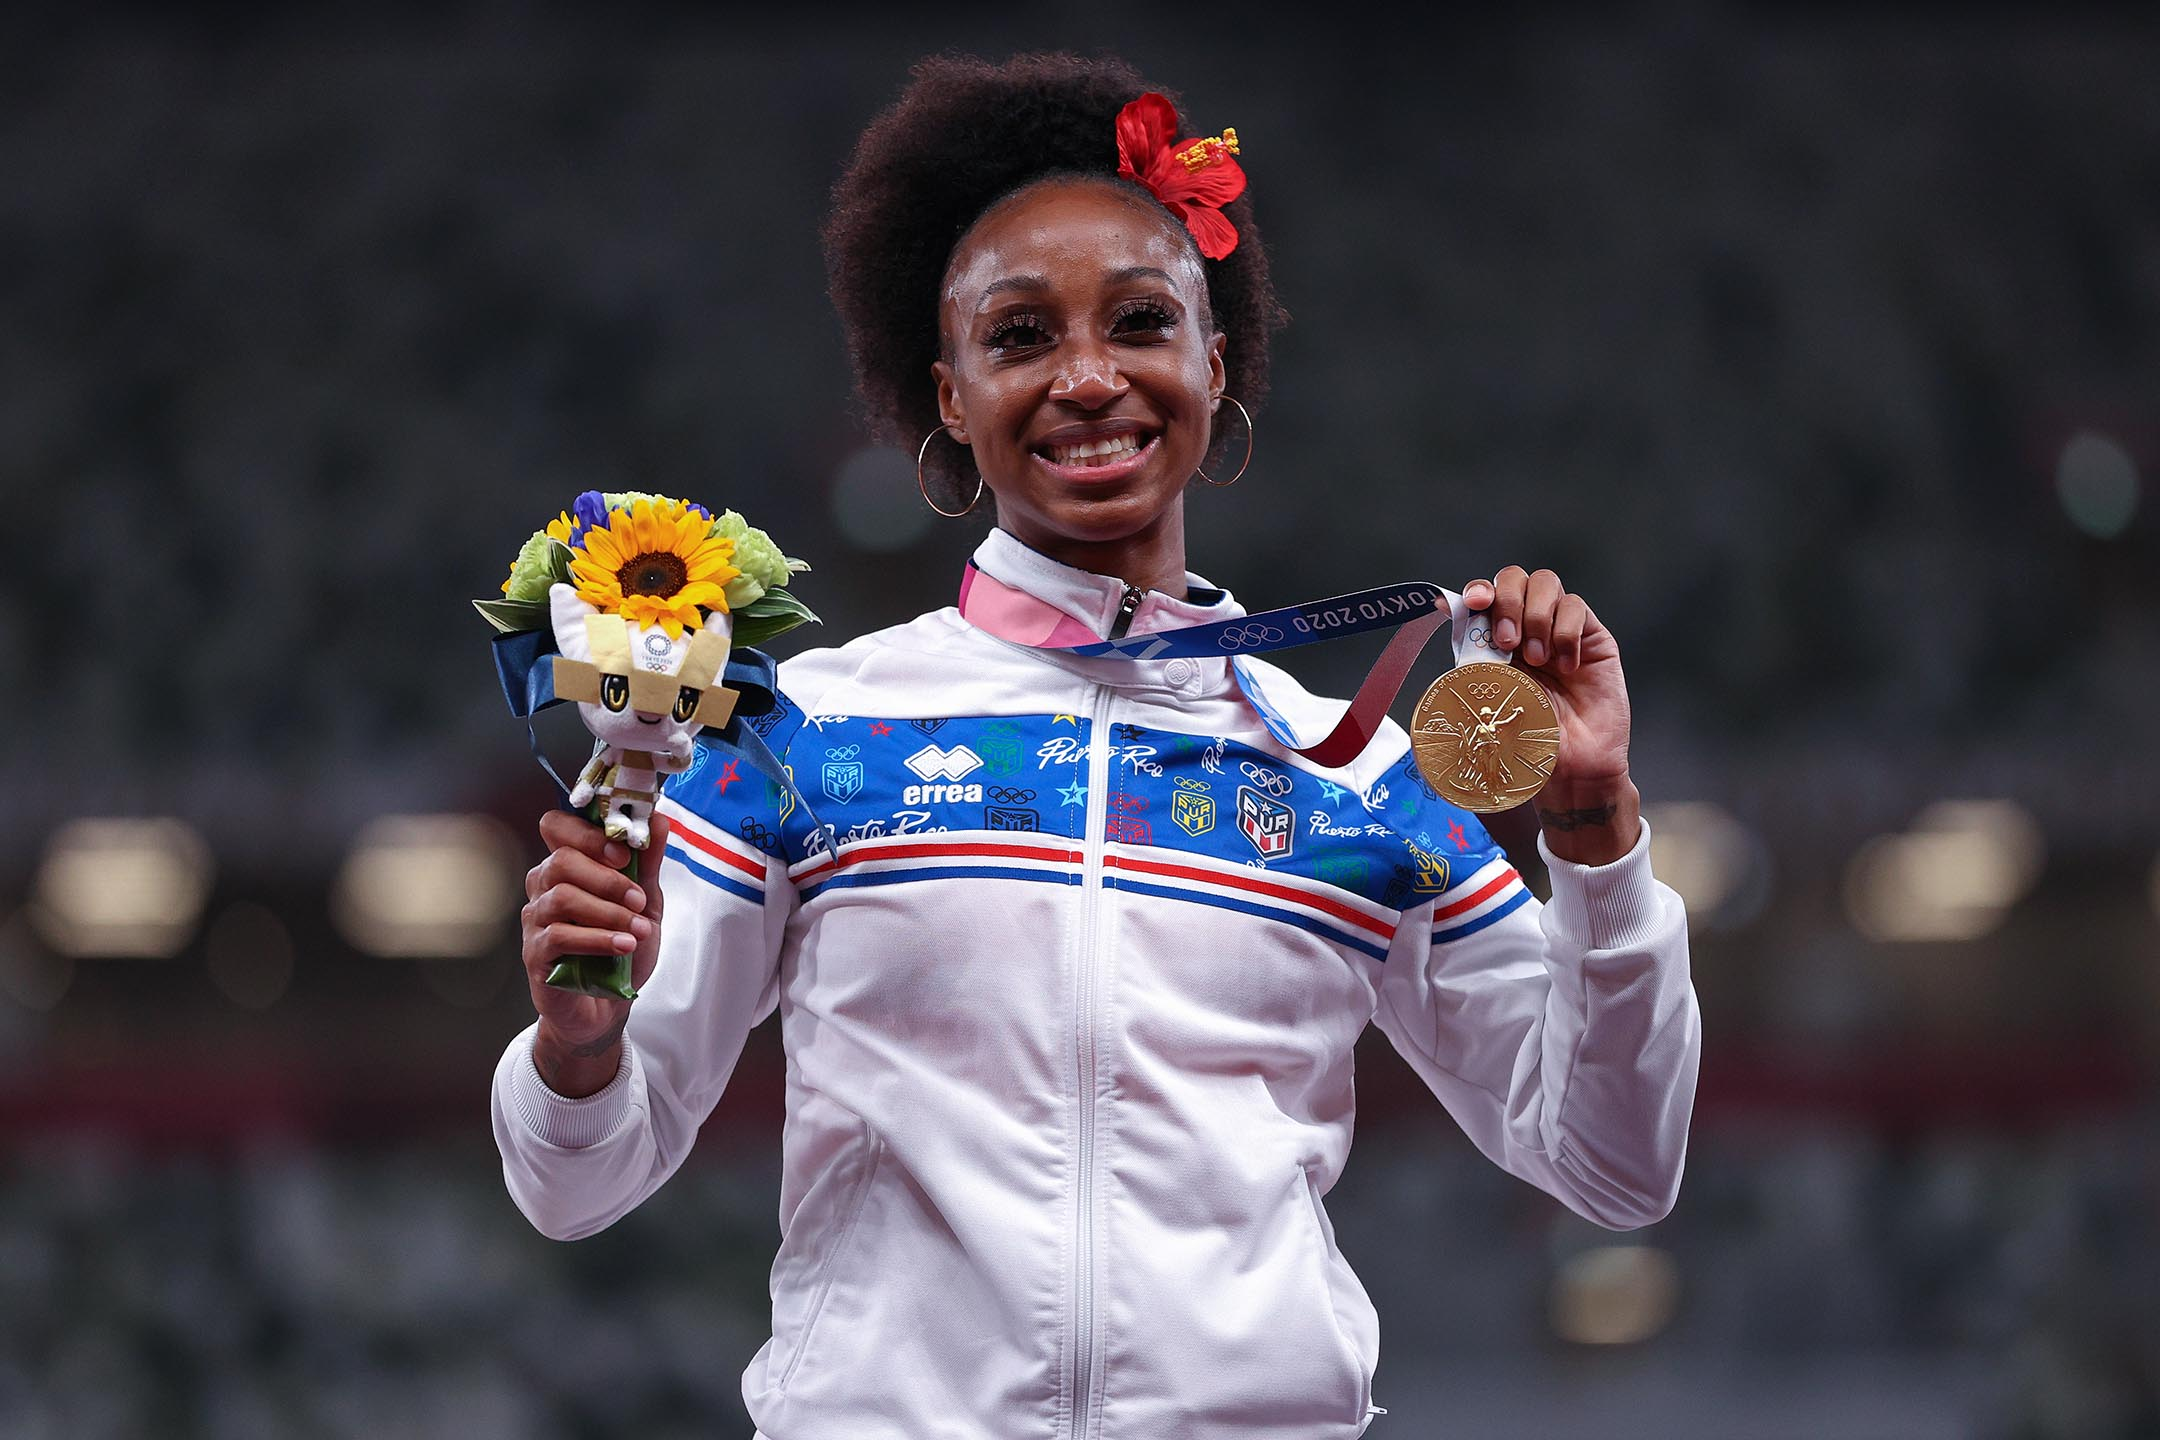 2021年8月2日日本東京,女子 100 米欄獎牌儀式上,波多黎各的金牌得主 Jasmine Camacho-Quinn 在領獎台上舉起獎牌。